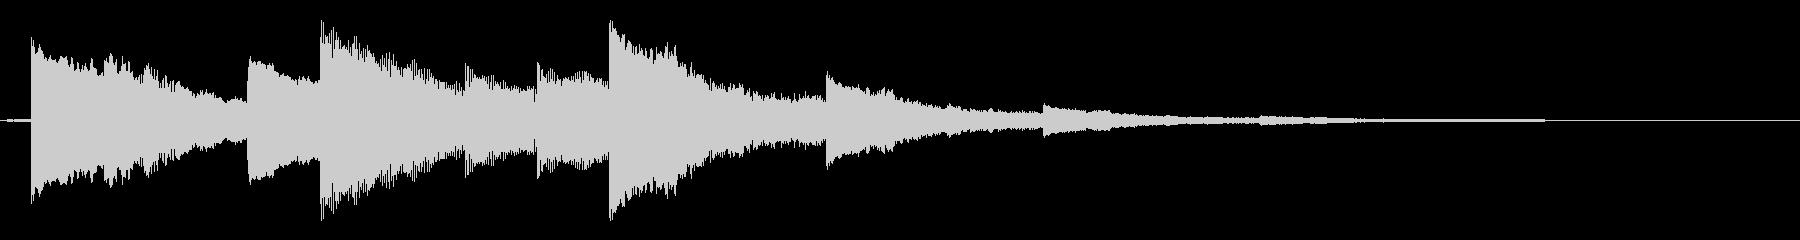 ベルの静かな場面転回音5の未再生の波形